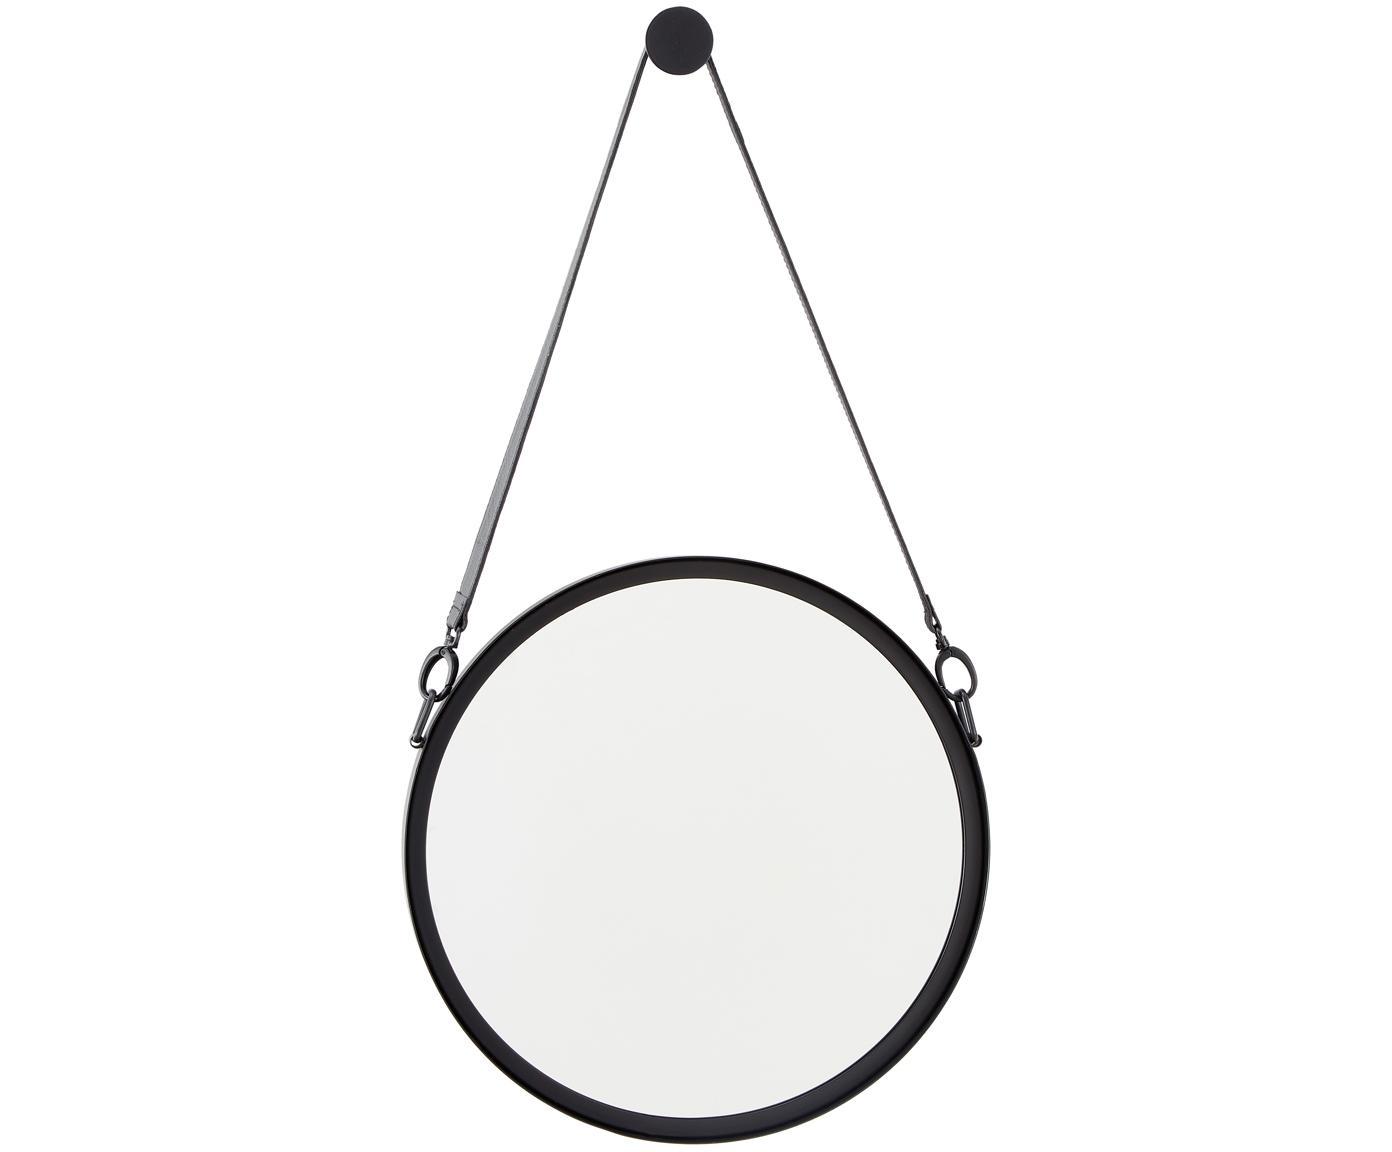 Specchio da parete con cinturino in pelle Liz, Superficie dello specchio: lastra di vetro, Retro: pannello di fibra a media, Nero, Ø 40 cm